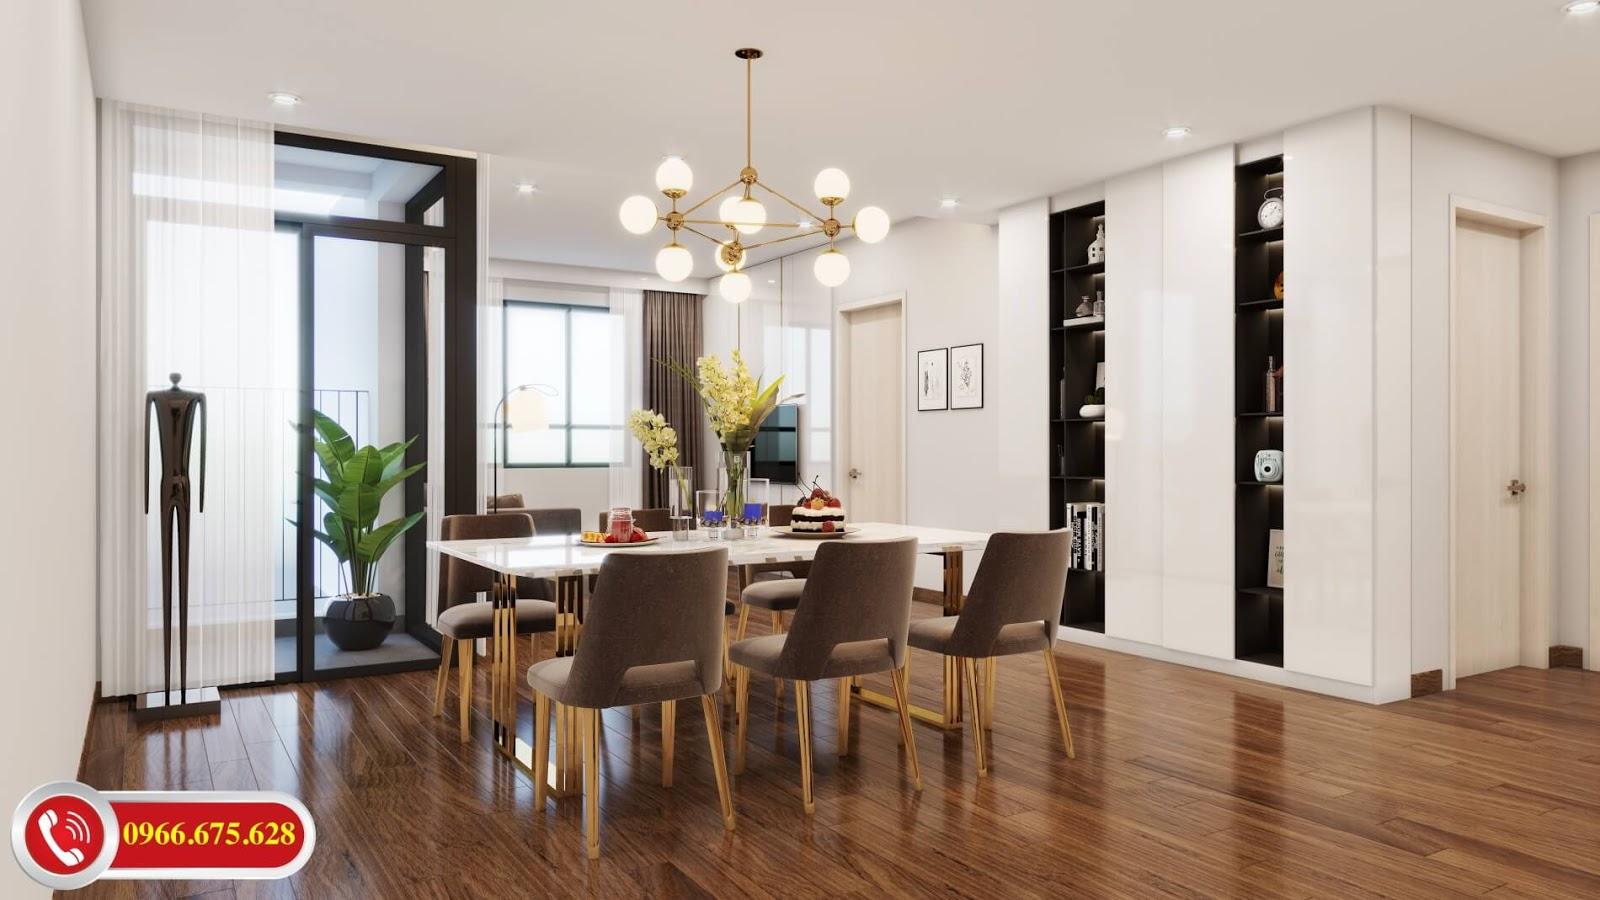 Phòng căn hộ A4 dự án Amber Riverside